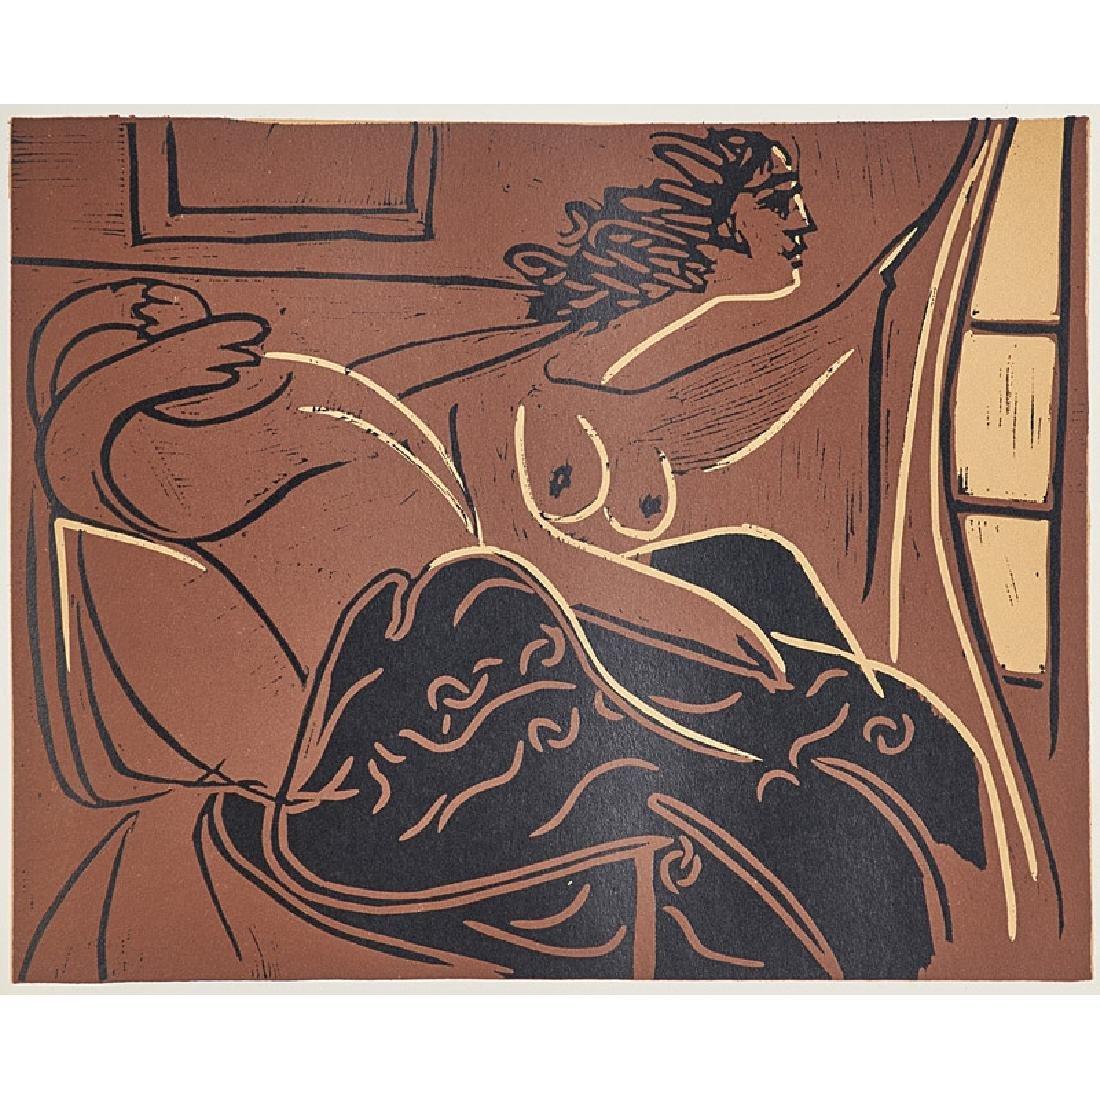 Pablo Picasso (Spanish, 1881-1973) - 2